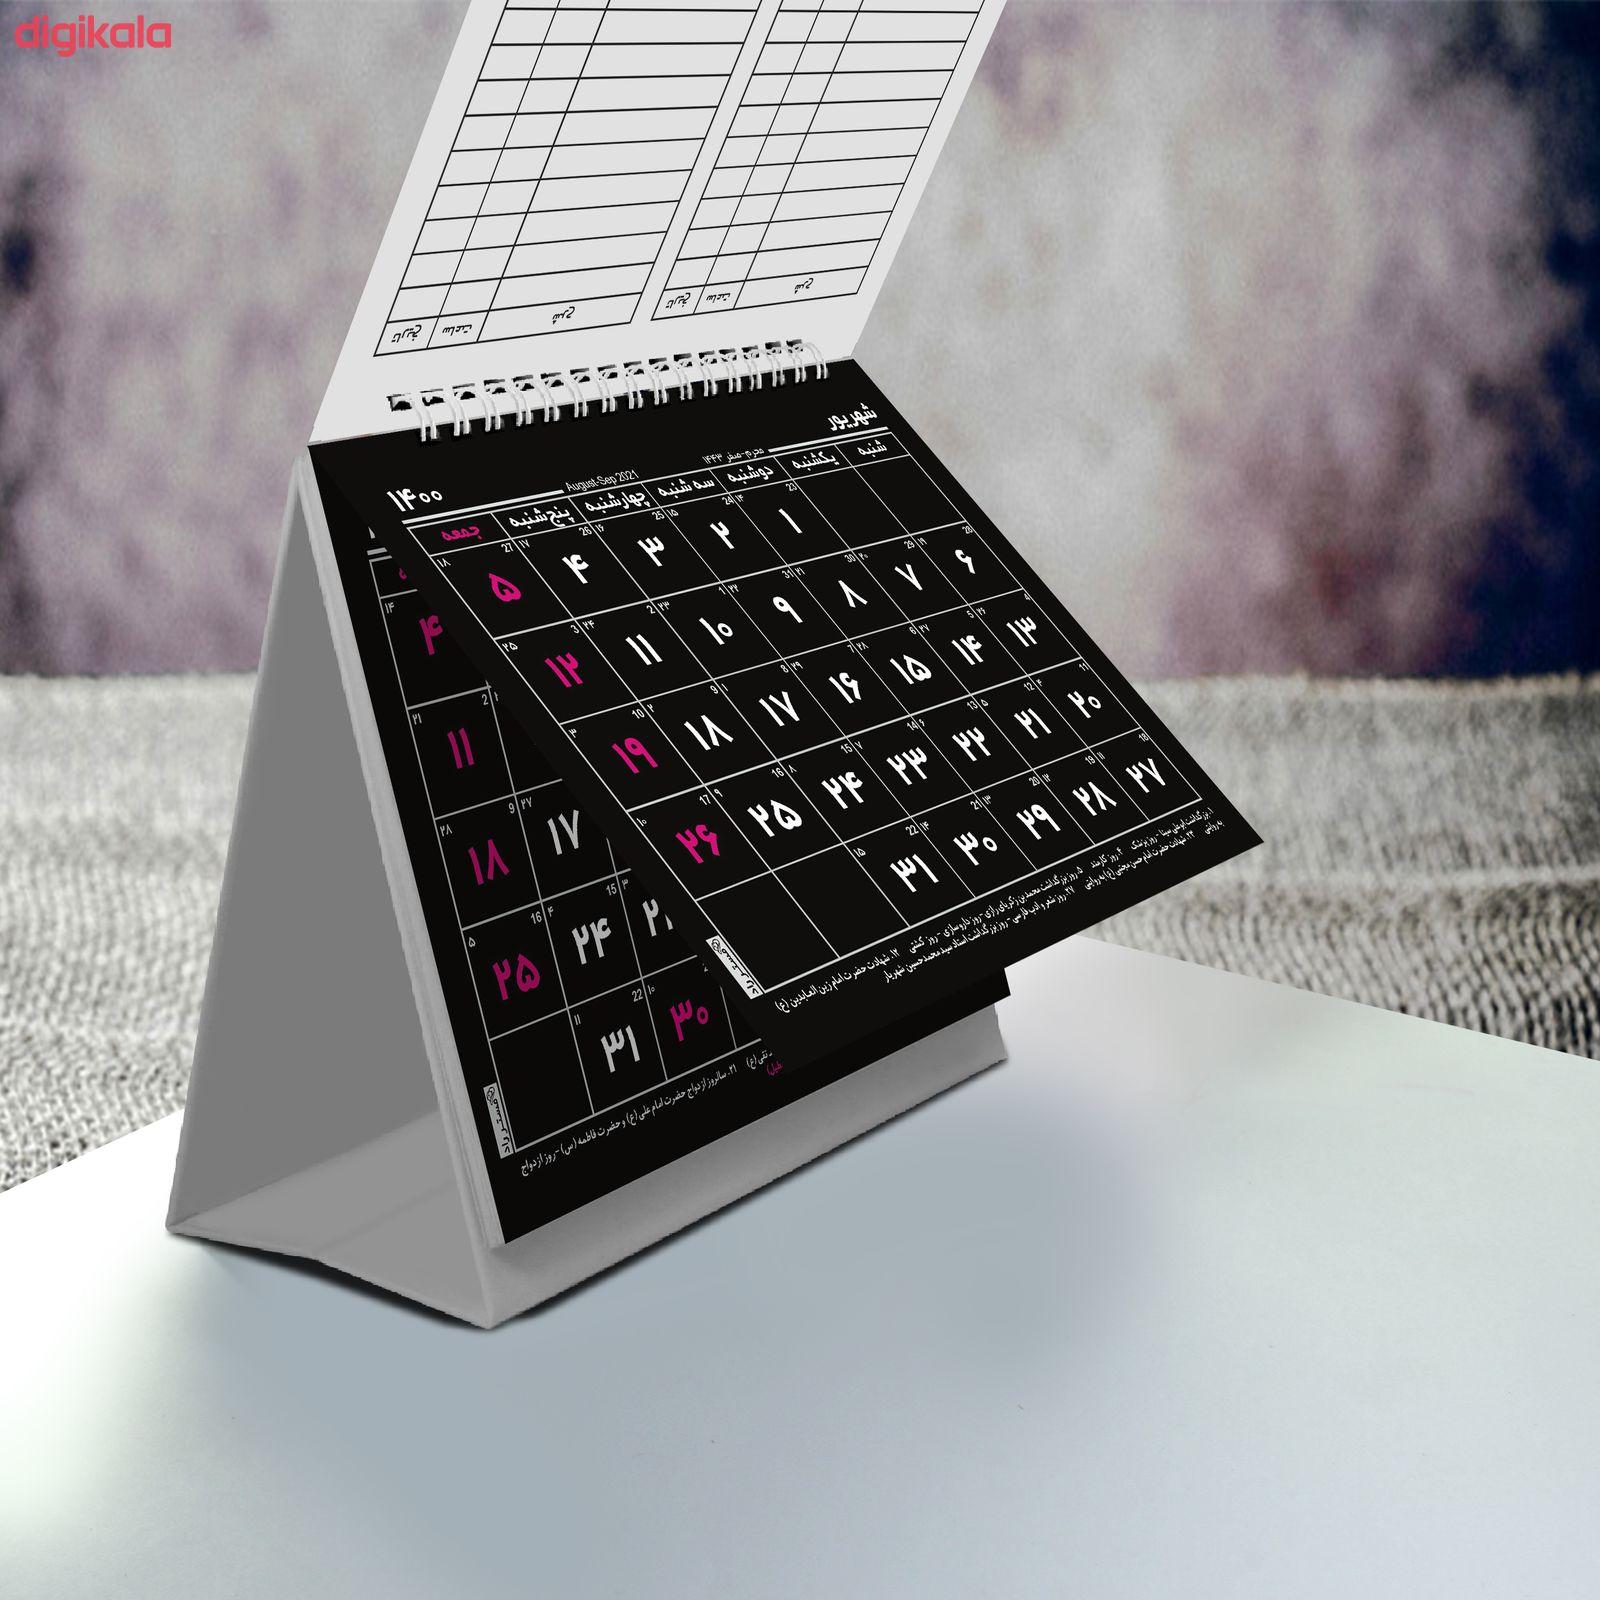 تقویم رومیزیسال 1400  مستر راد مدل endar 2021 کد s20 main 1 11